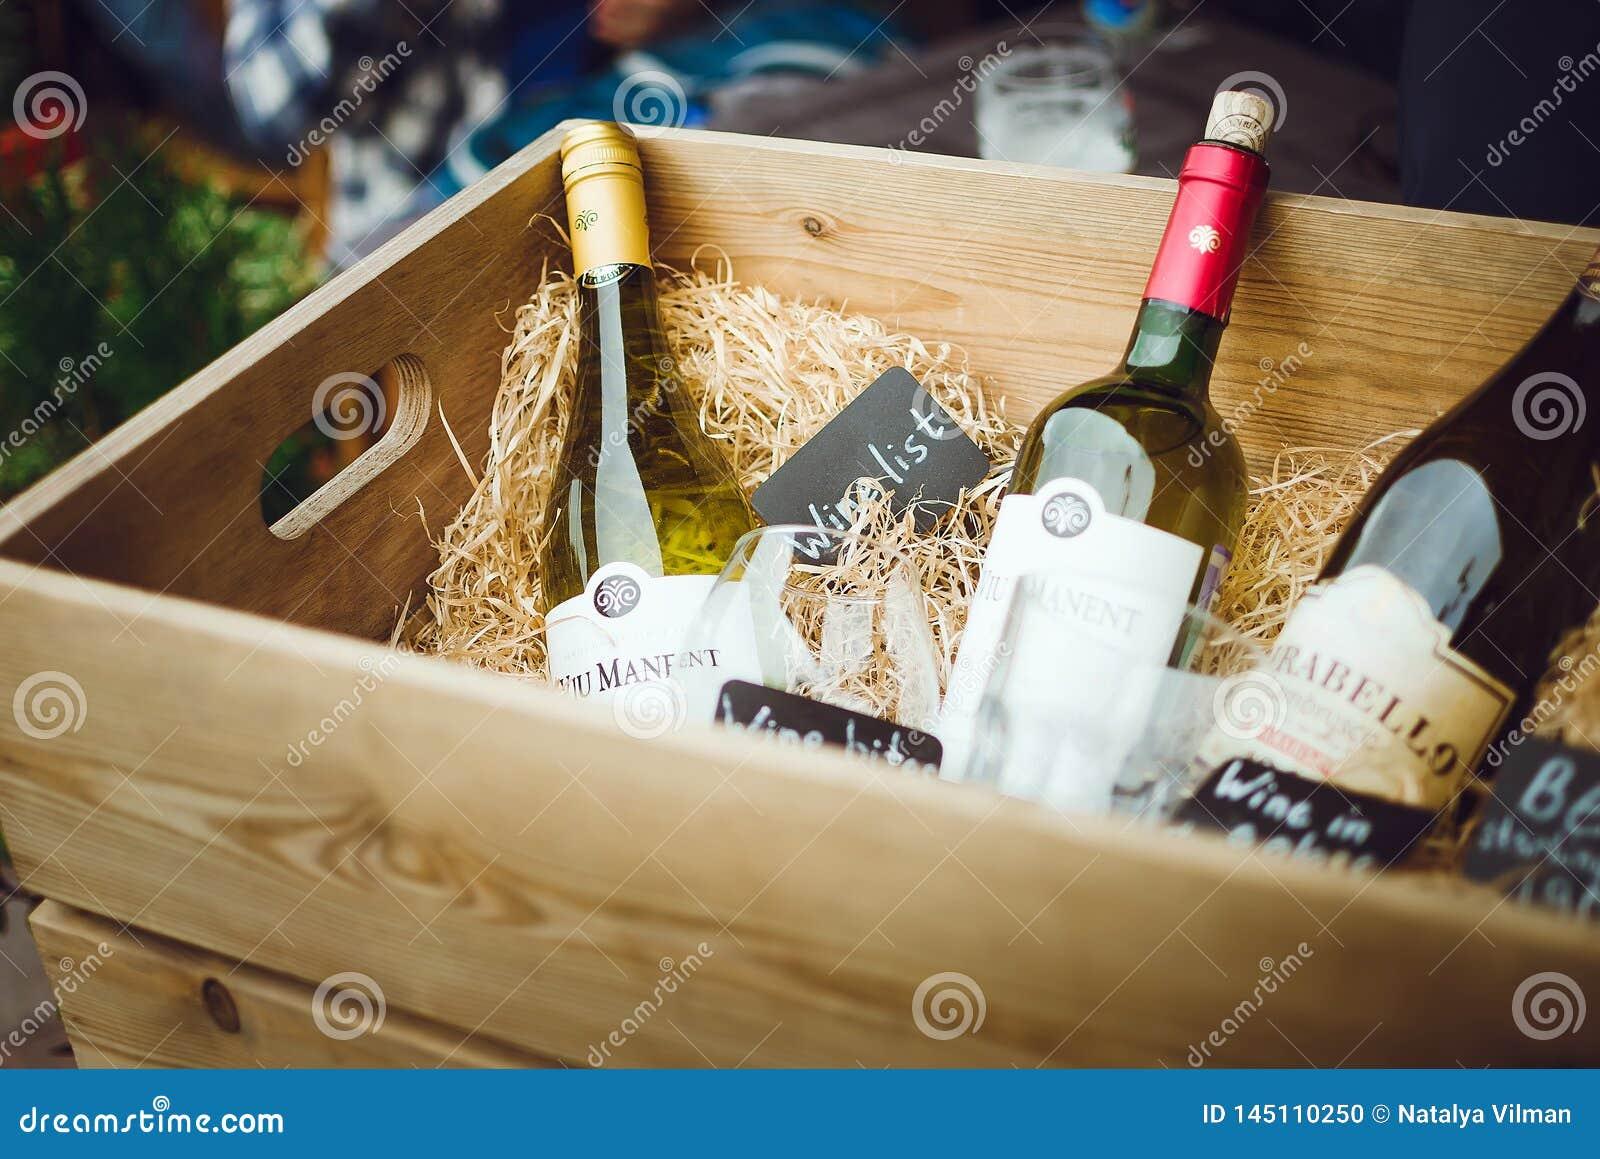 瓶在葡萄酒木箱的酒 风景陈列街道咖啡馆